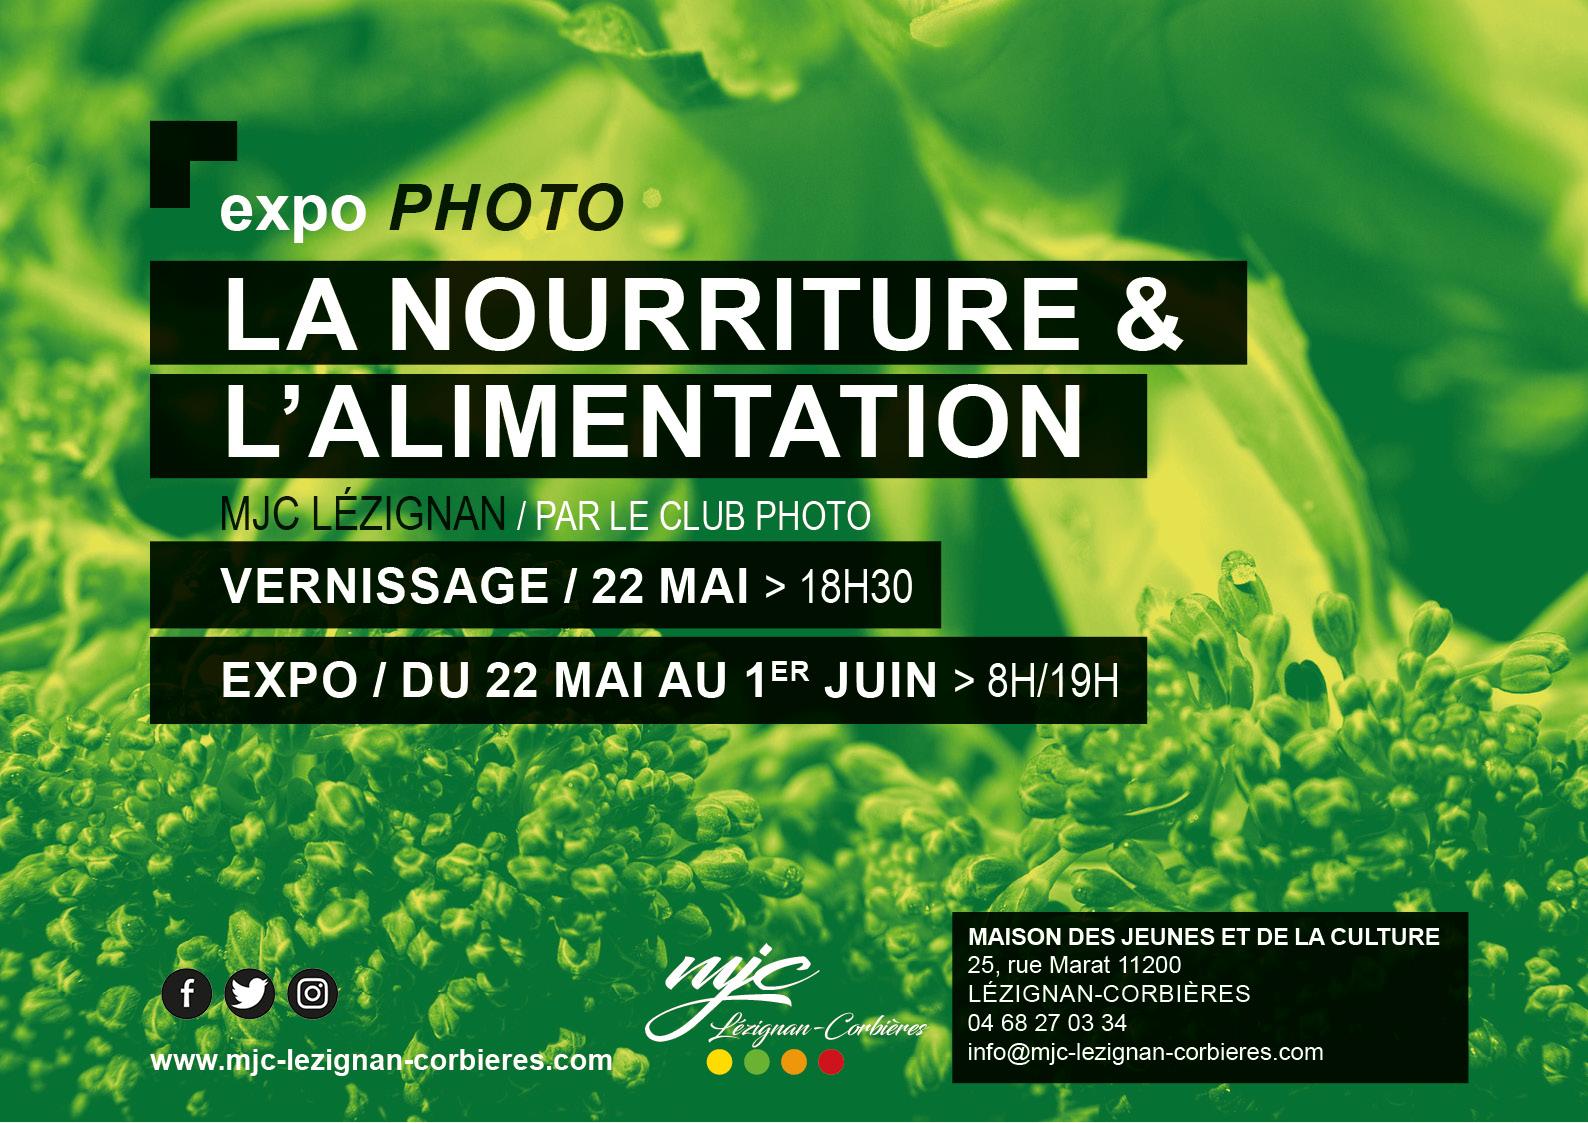 """Du 22 mai au 1er juin >> expo photo """"La nourriture et l'alimentation"""""""